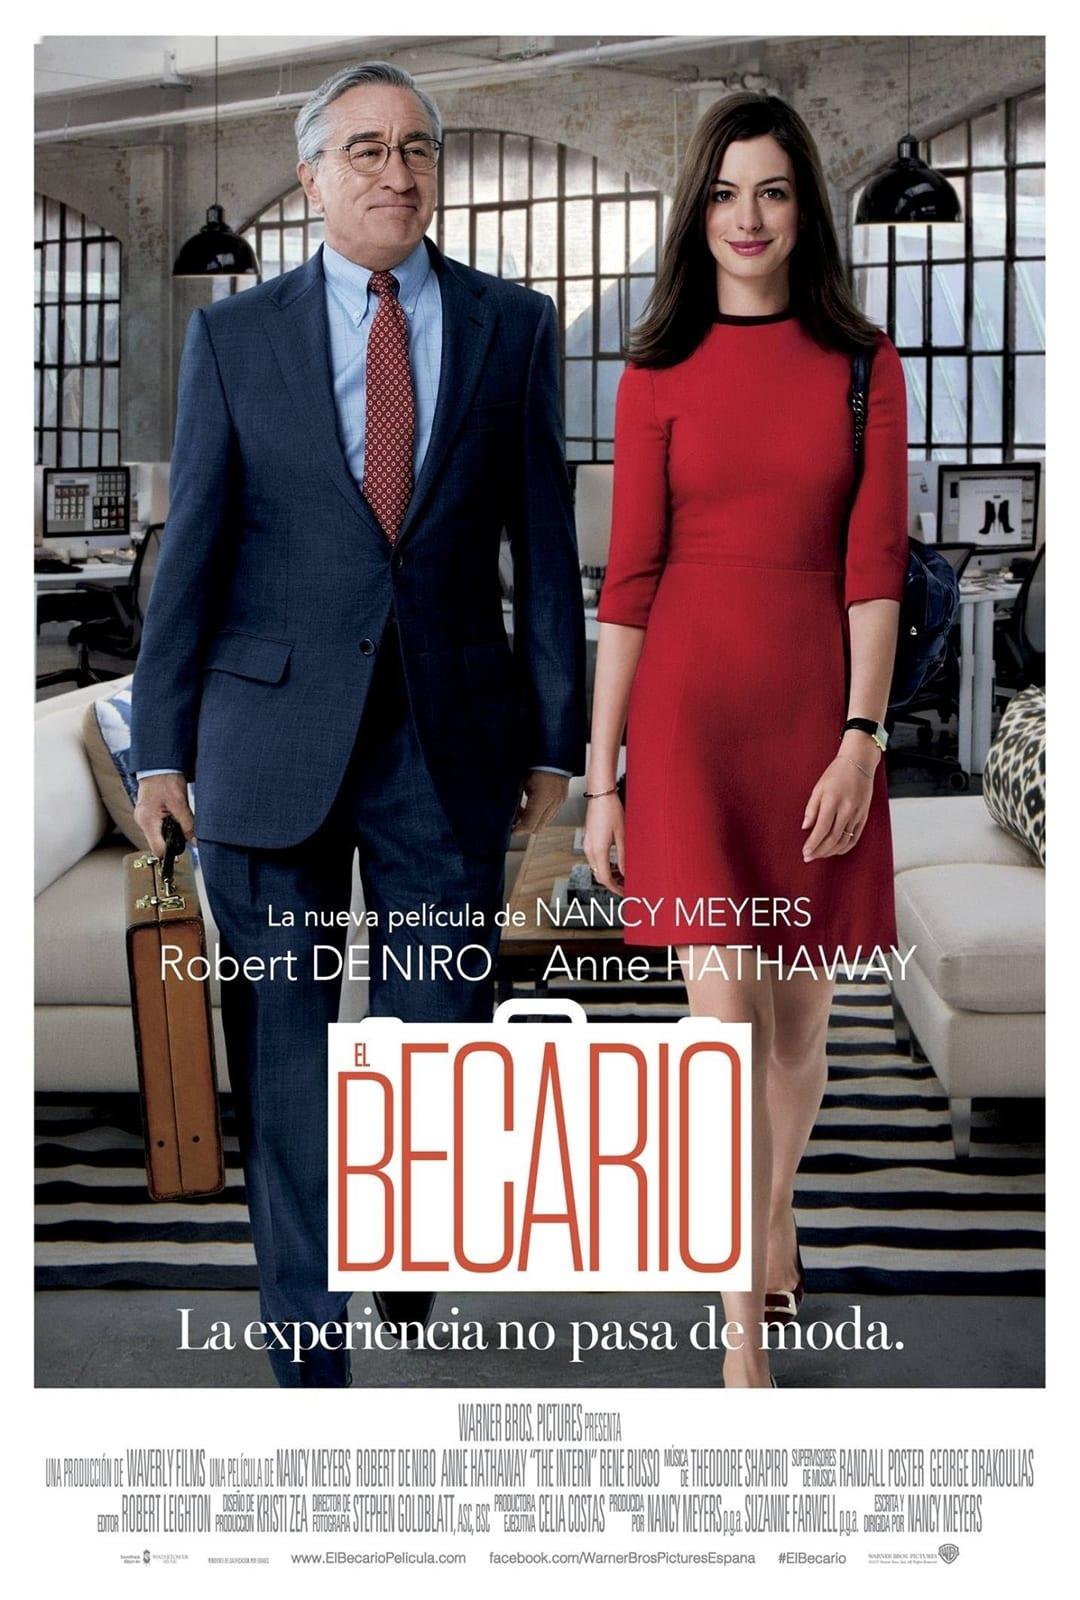 Crítica de cine: El Becario